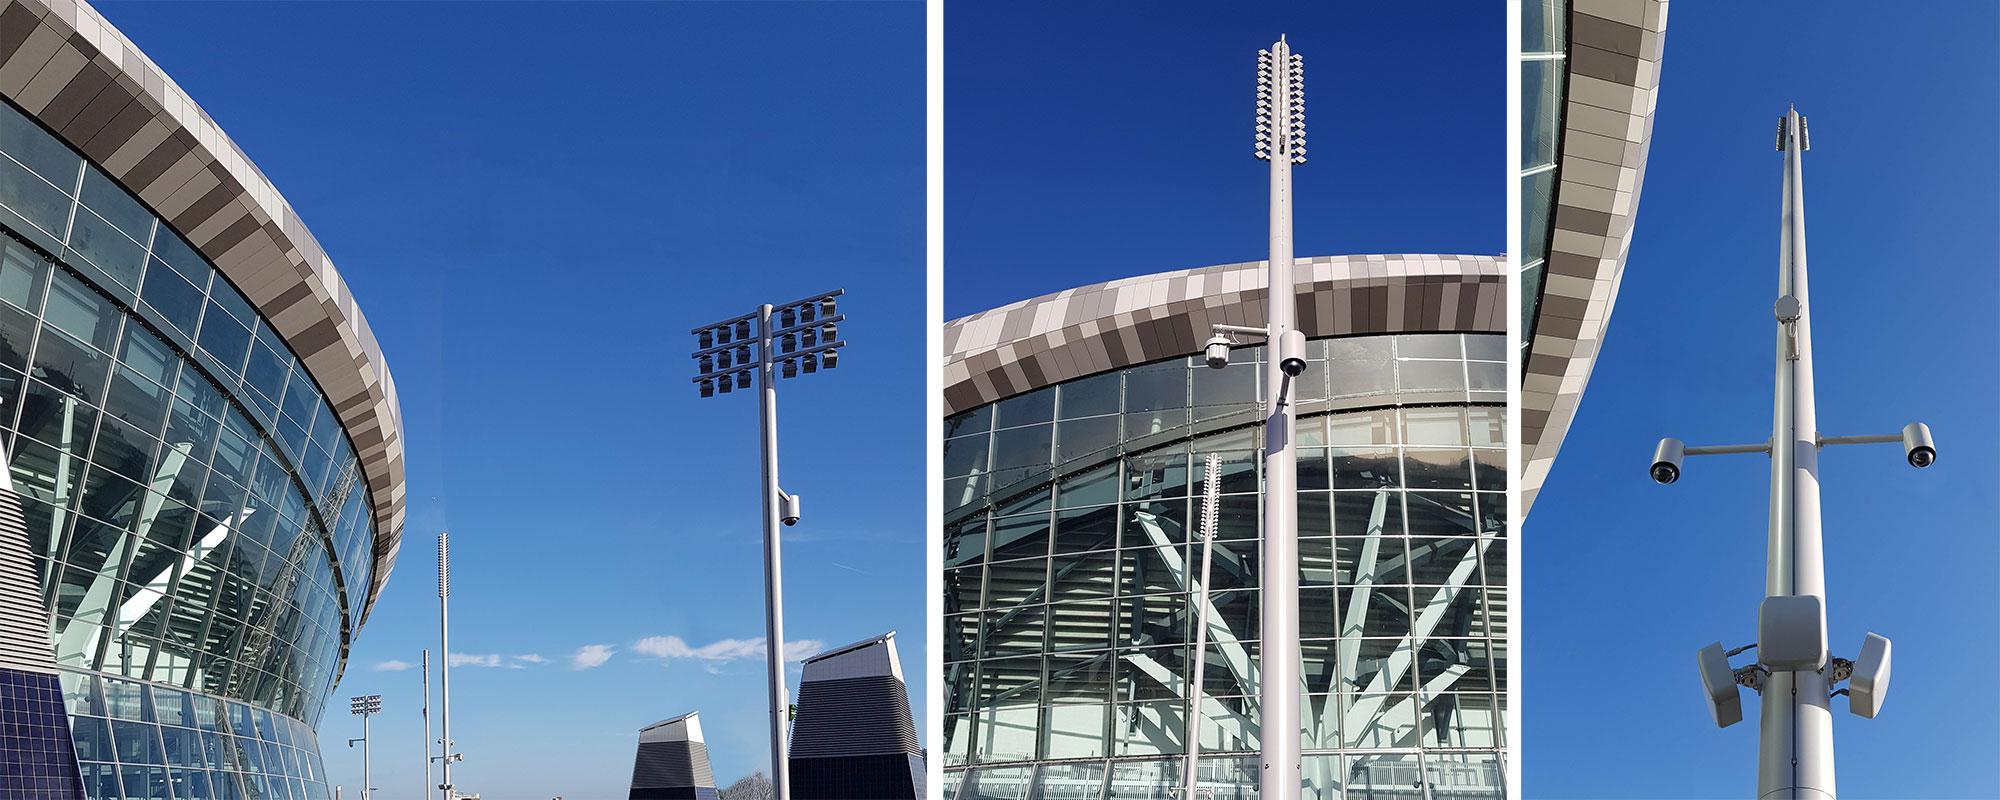 D_Tottenham_Hotspur-stadium